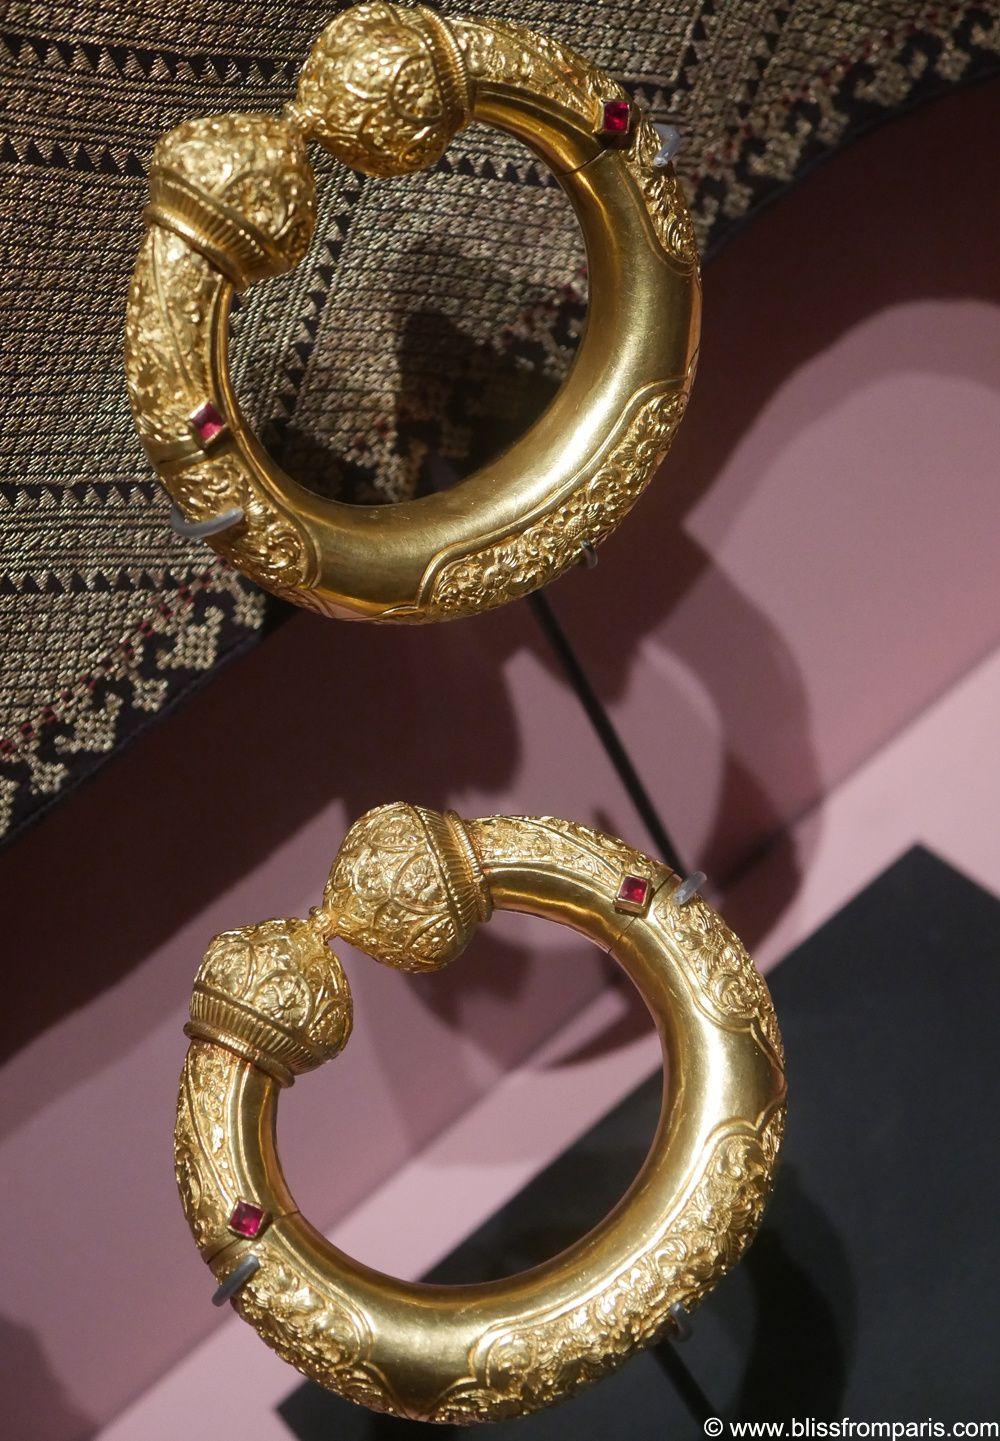 Parure de marriage: deux  bracelets, or et rubis, Cambodge, art khmer, fin 19ème siècle